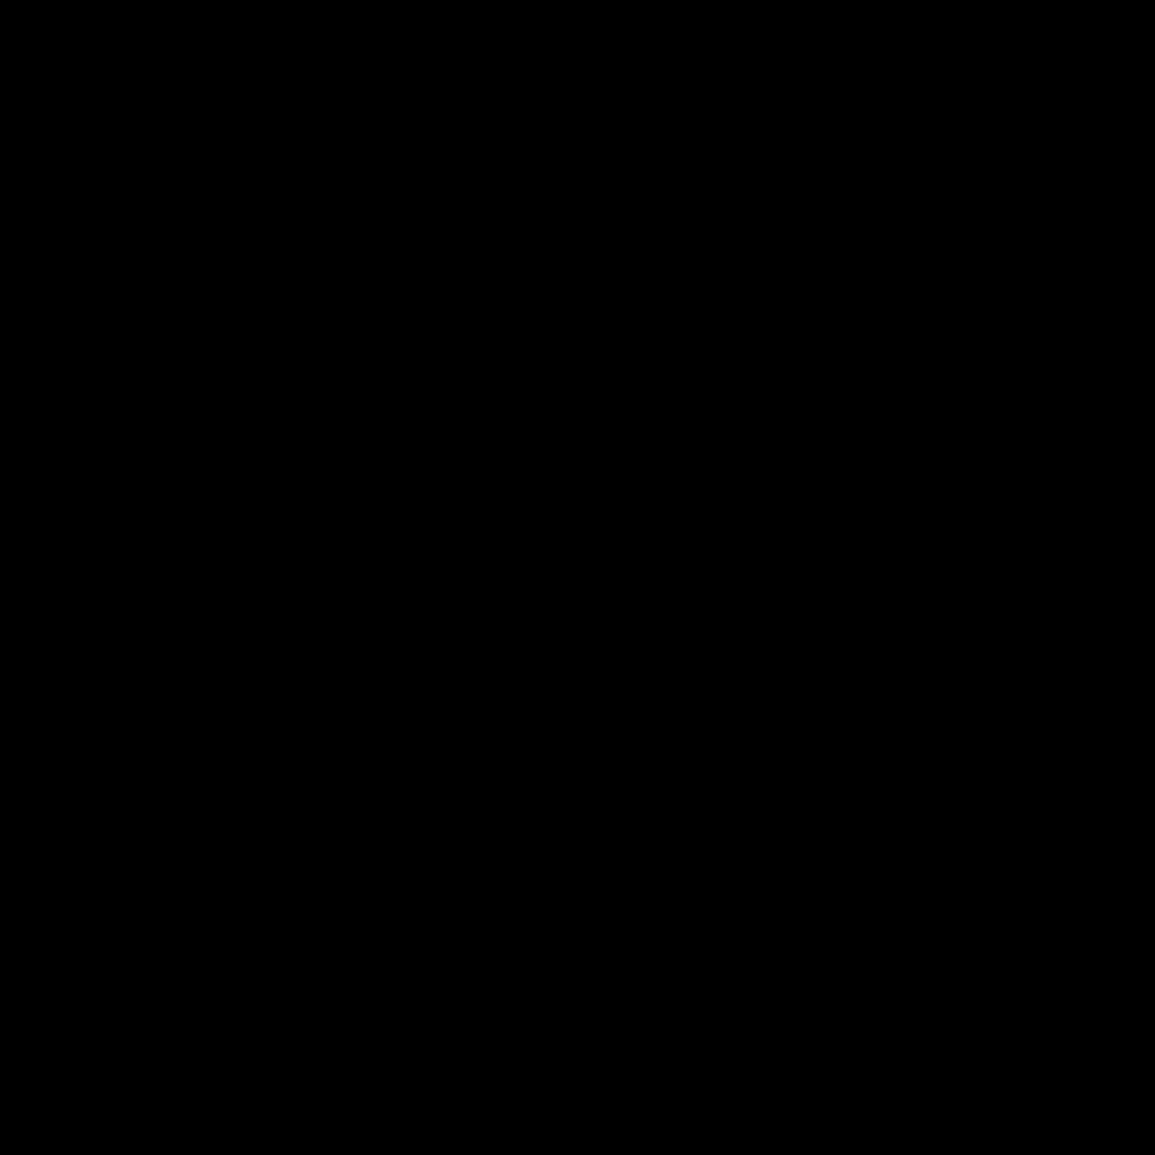 艶 B 大かな BTU-KL 字形見本